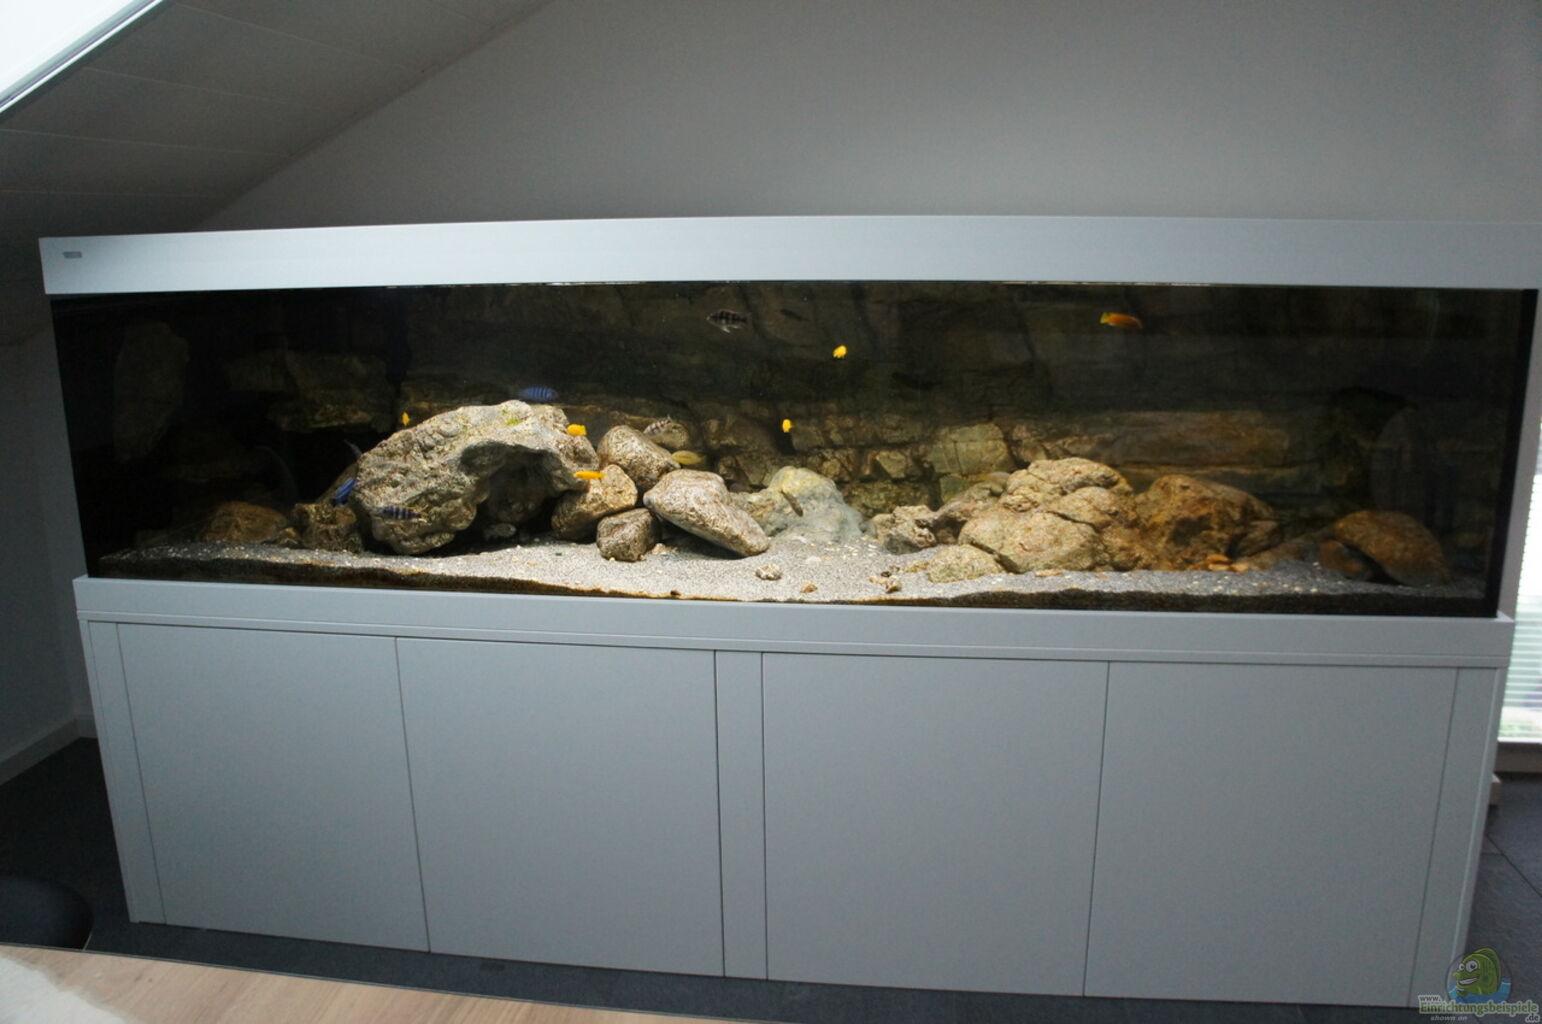 Aquarium von dagloa kaskazini s tank for Aquarium wasserwechsel